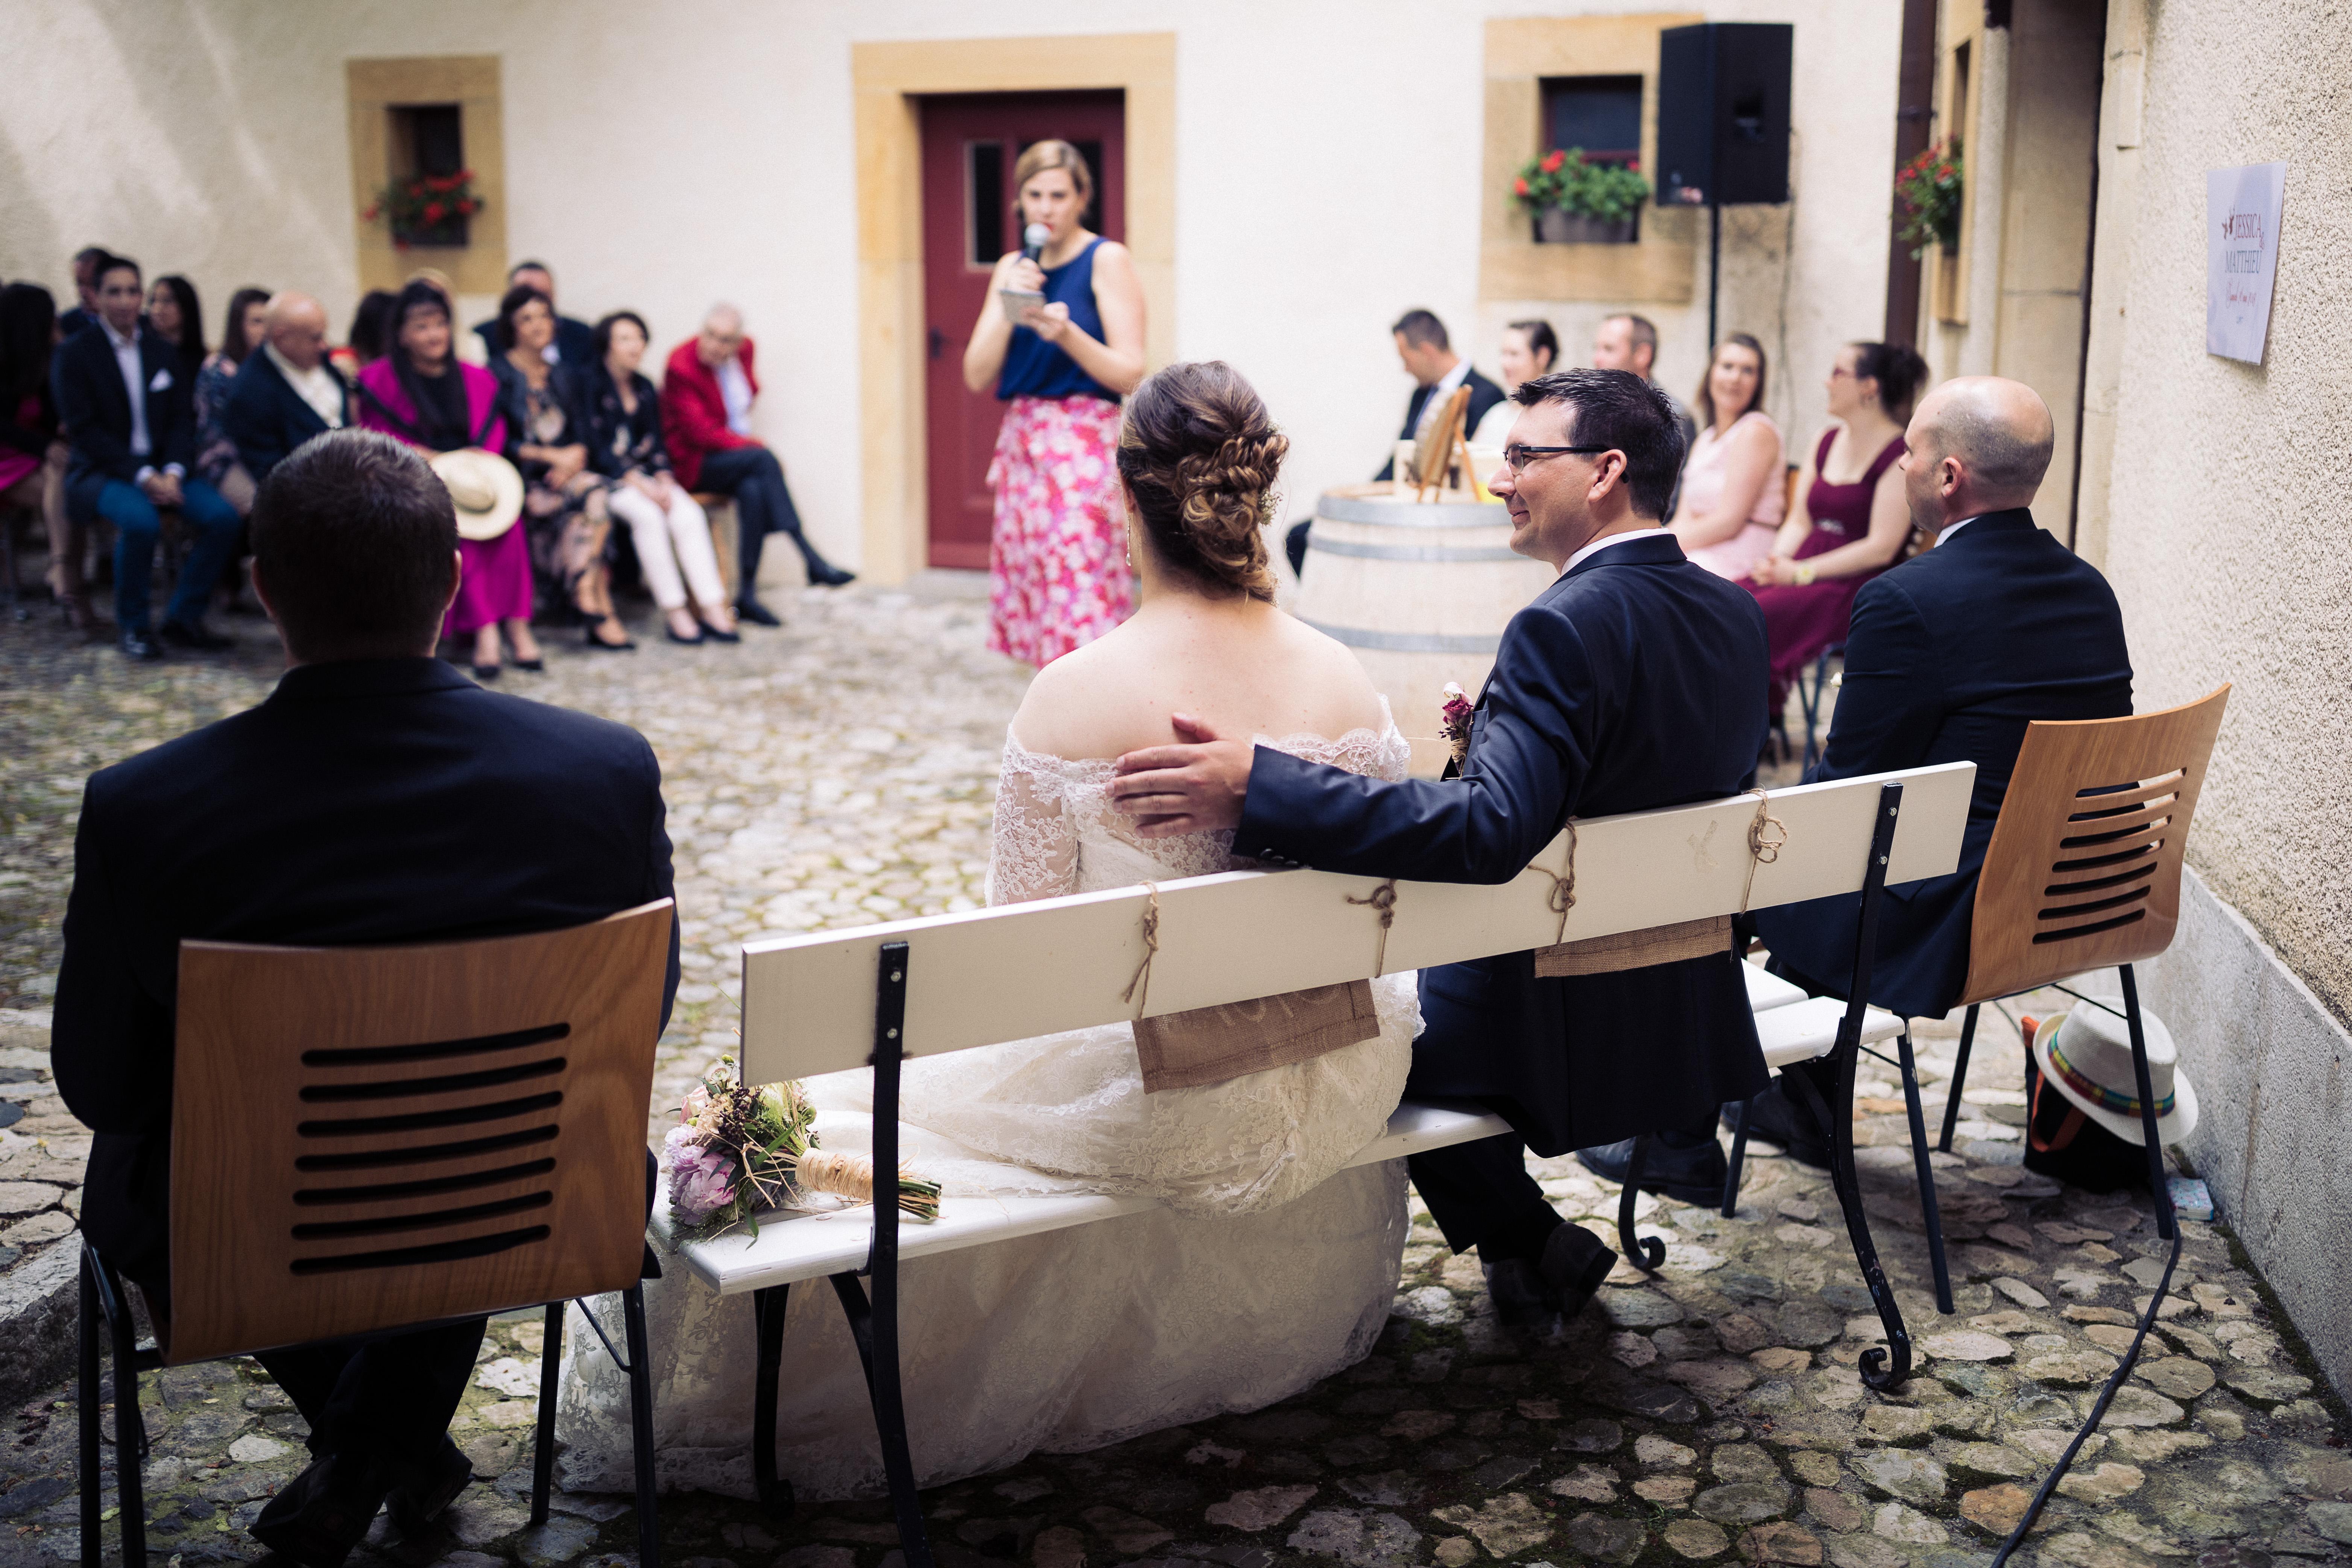 Lieux cérémonie laique, cérémonie Bevaix, mariage neuchâtel, mariage suisse, bleu je te veux, tania kohler, célébrante, officiante